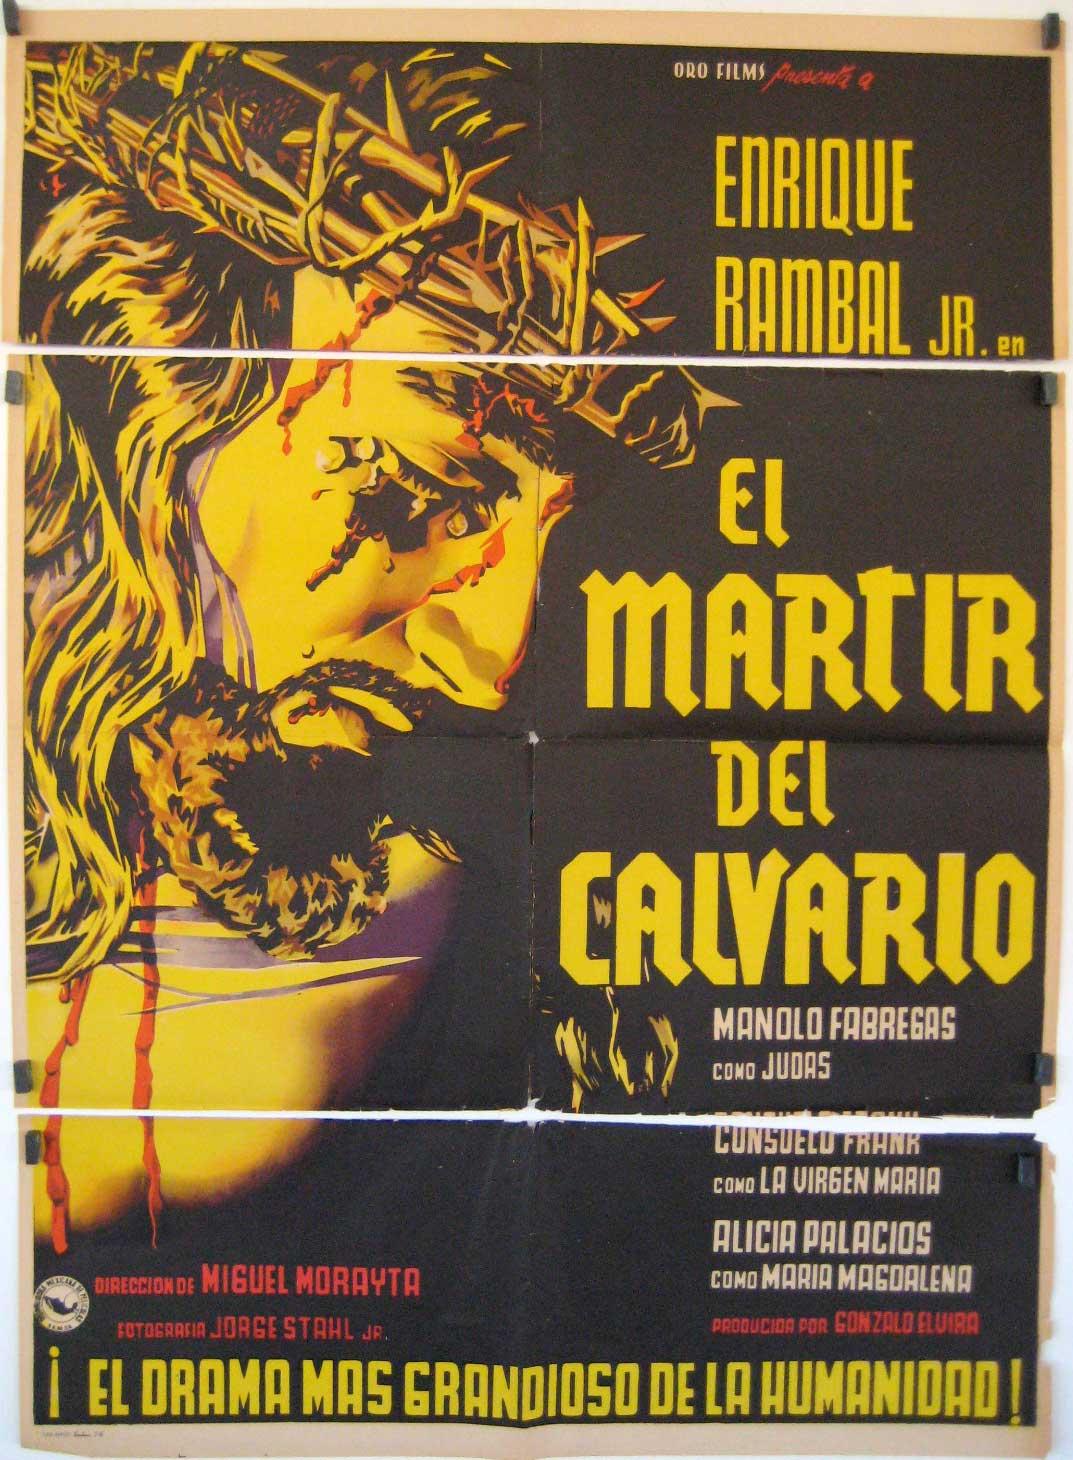 Cartel promocional de El mártir del calvario | Viernes Santo: El cine de la Semana Santa alza la voz